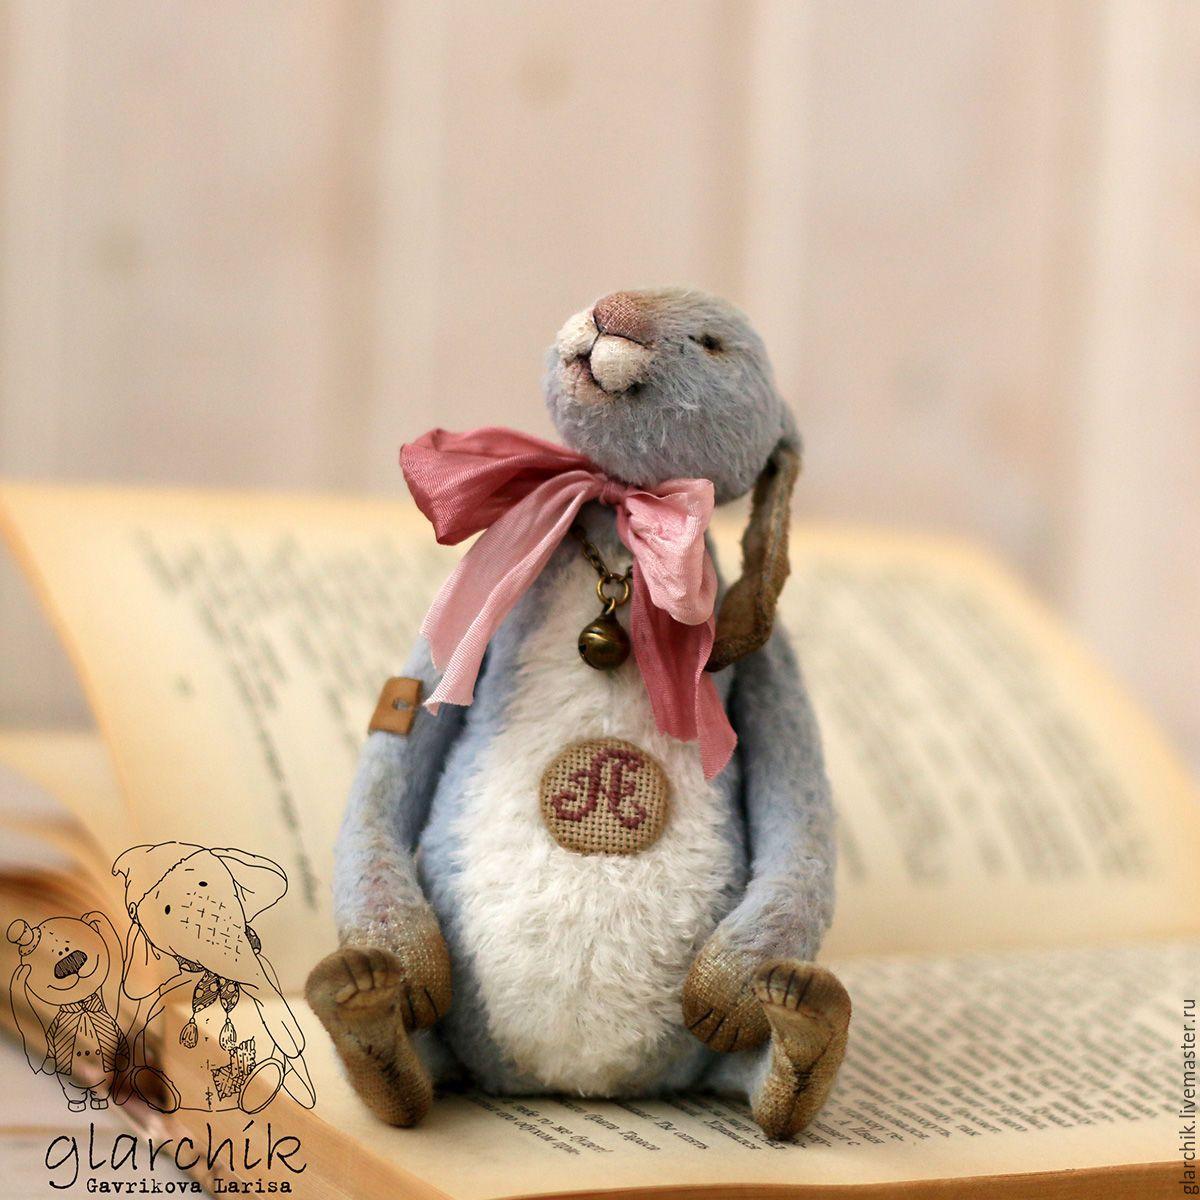 Купить Кролик Алько - голубой, кролик, кролик тедди, коллекция, коллекционная игрушка, друзья тедди